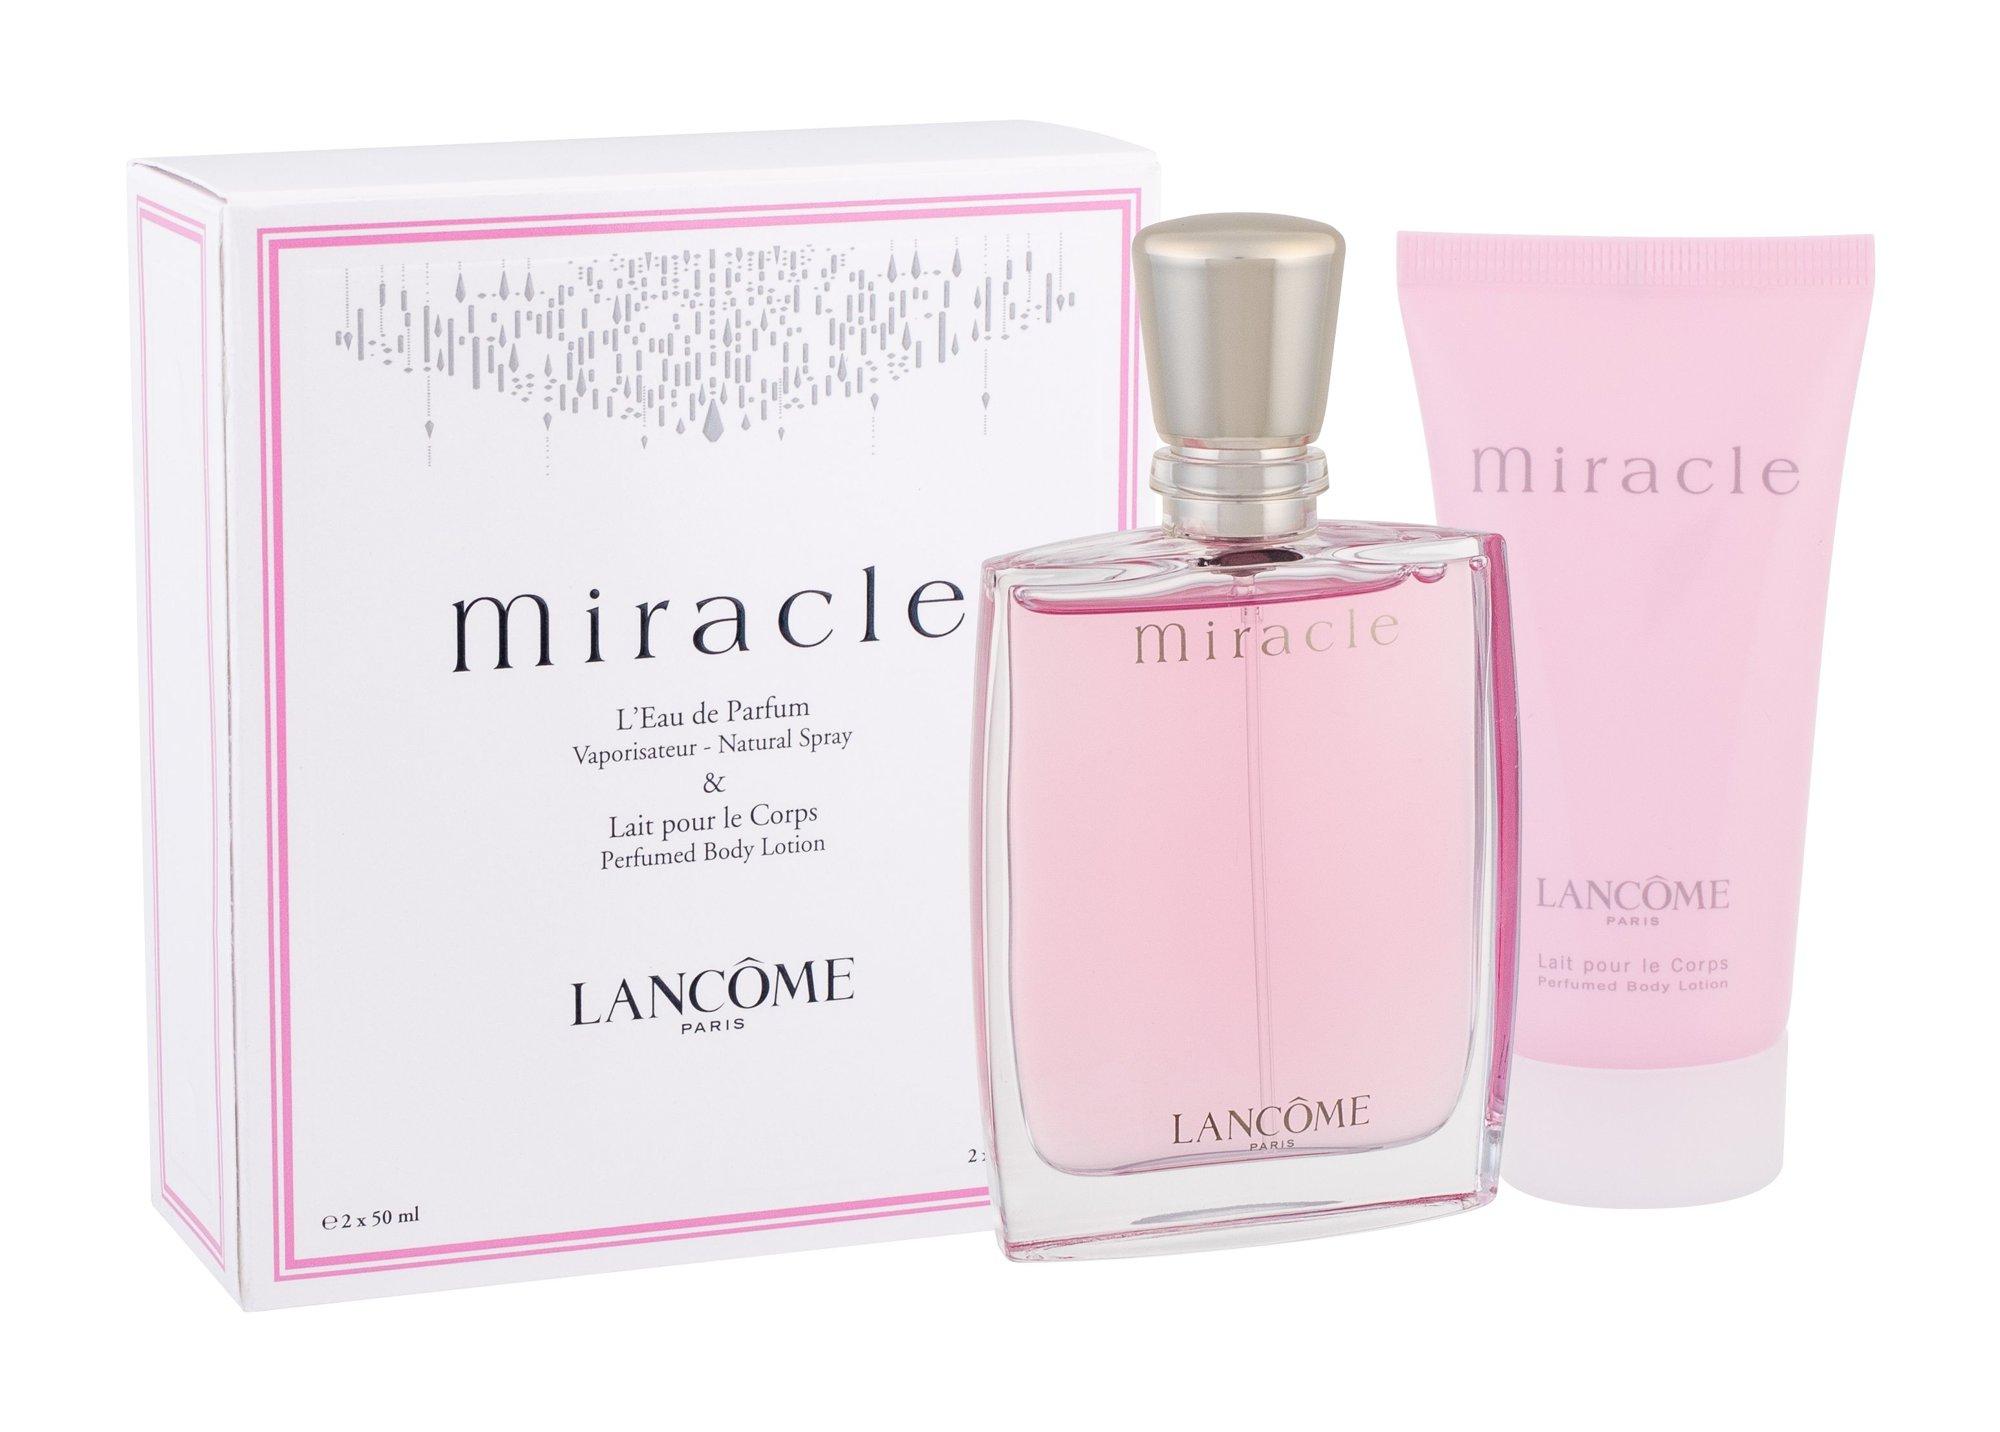 Lancôme Miracle Eau de Parfum 50ml